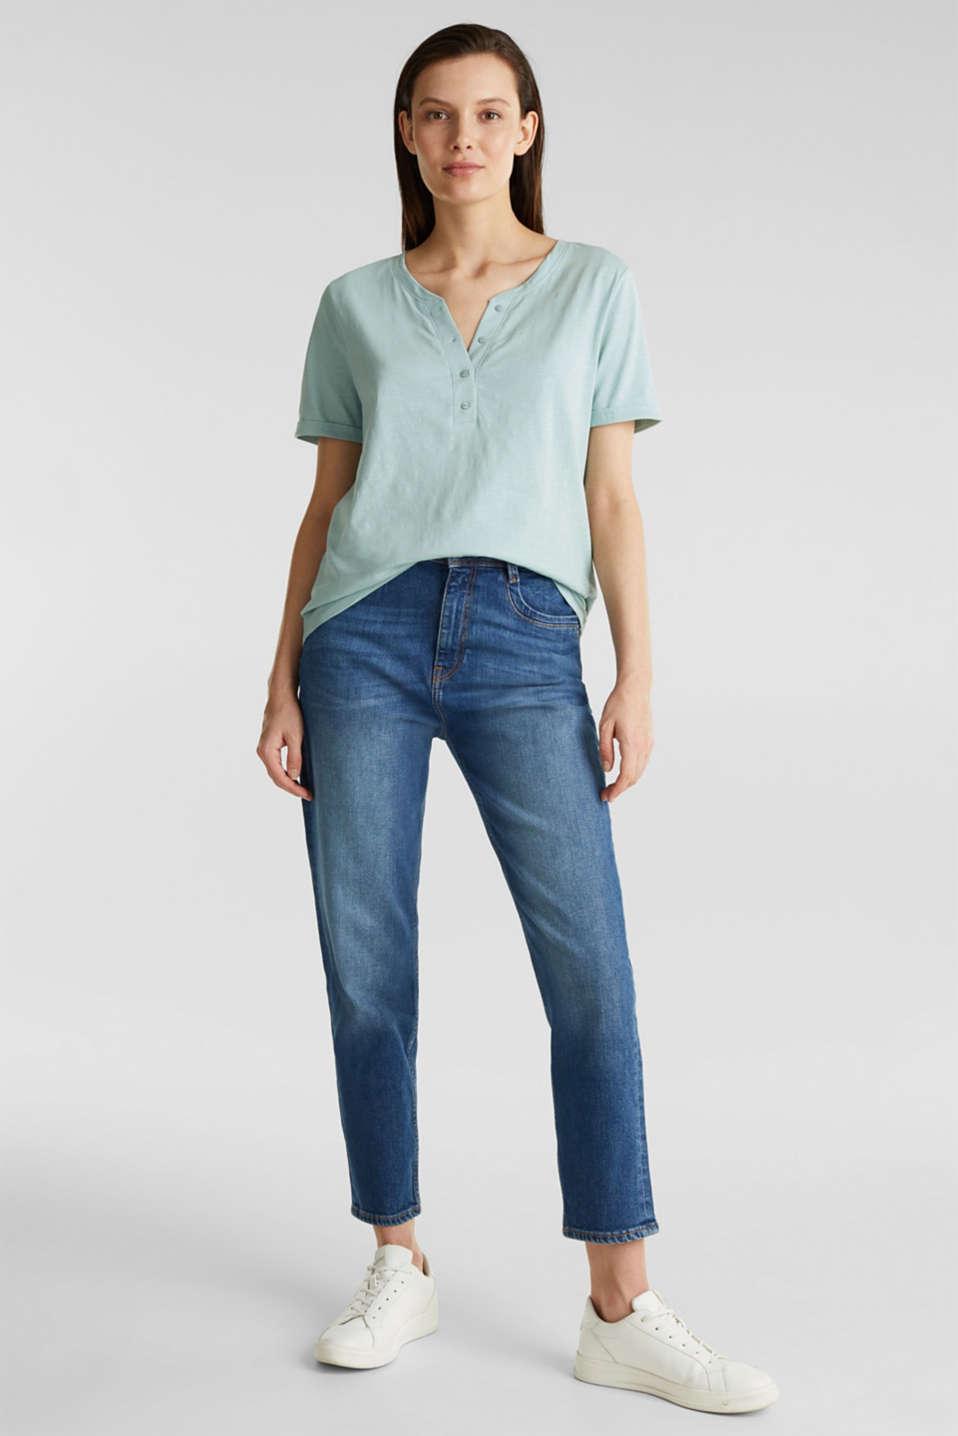 100% cotton Henley T-shirt, LIGHT AQUA GREEN 4, detail image number 1